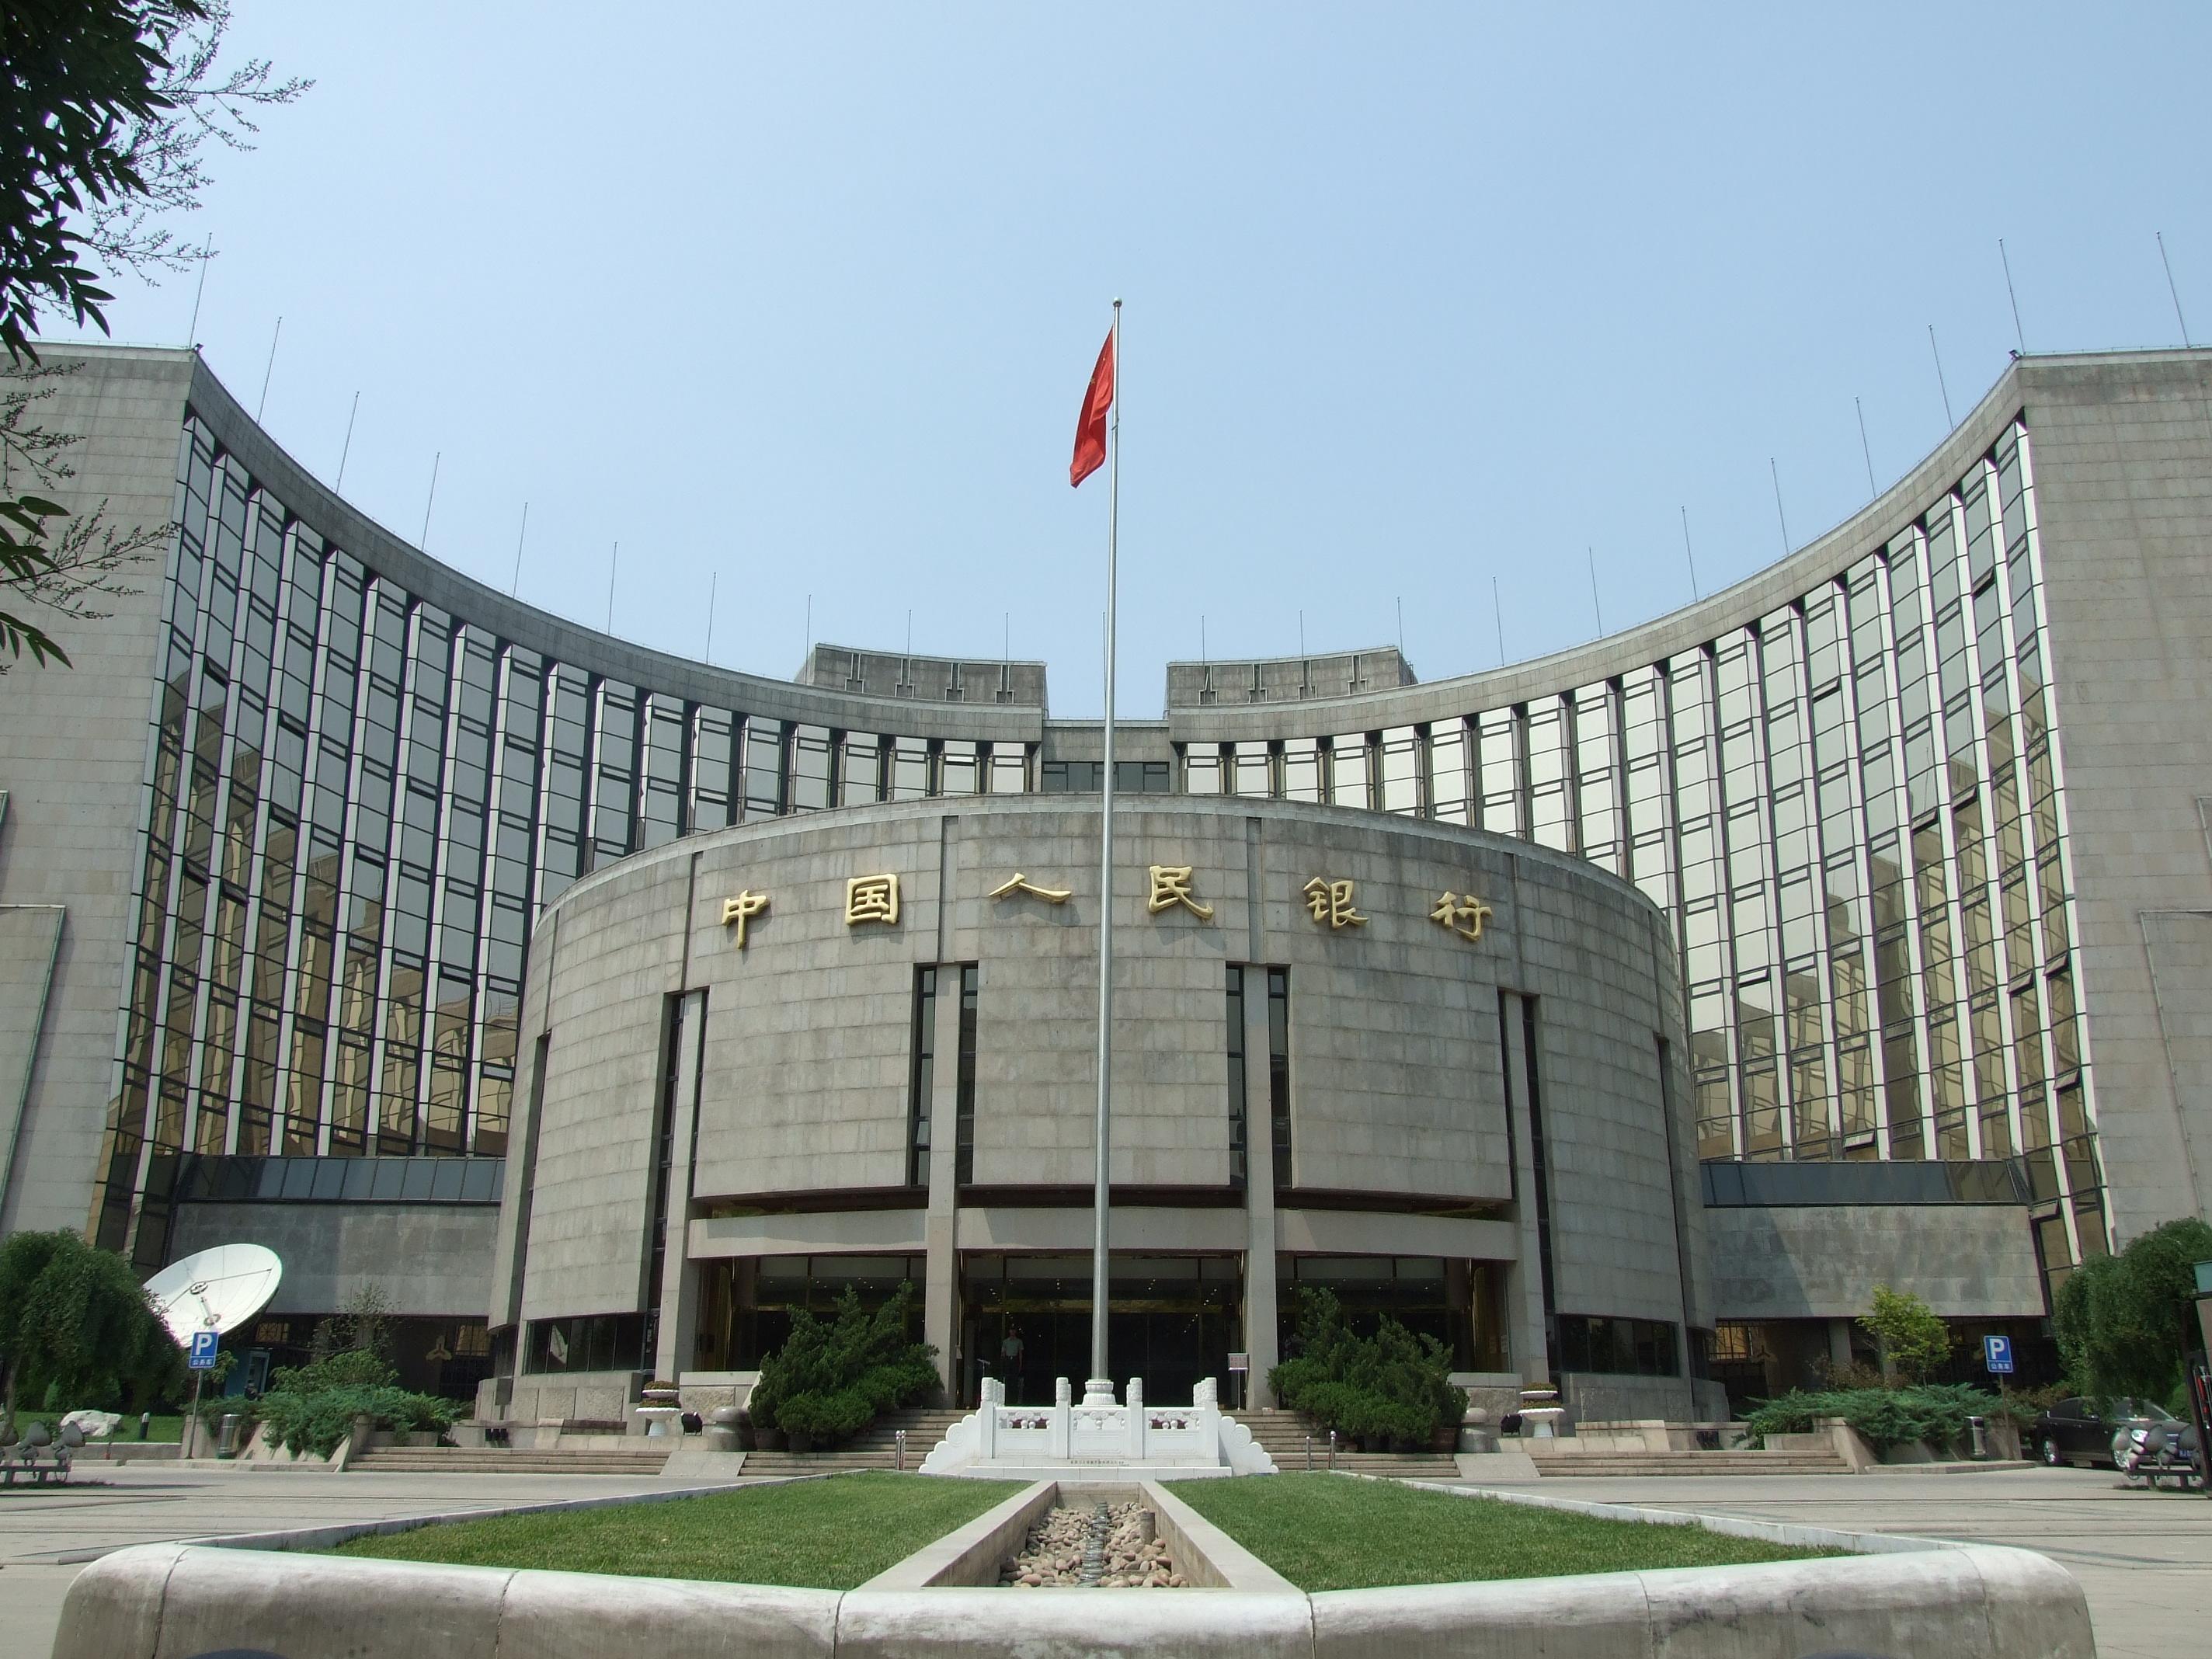 Por quinta ocasión, el Banco Central en China anunció el recorte en la tasa de préstamo local para situarla en 4.6%.